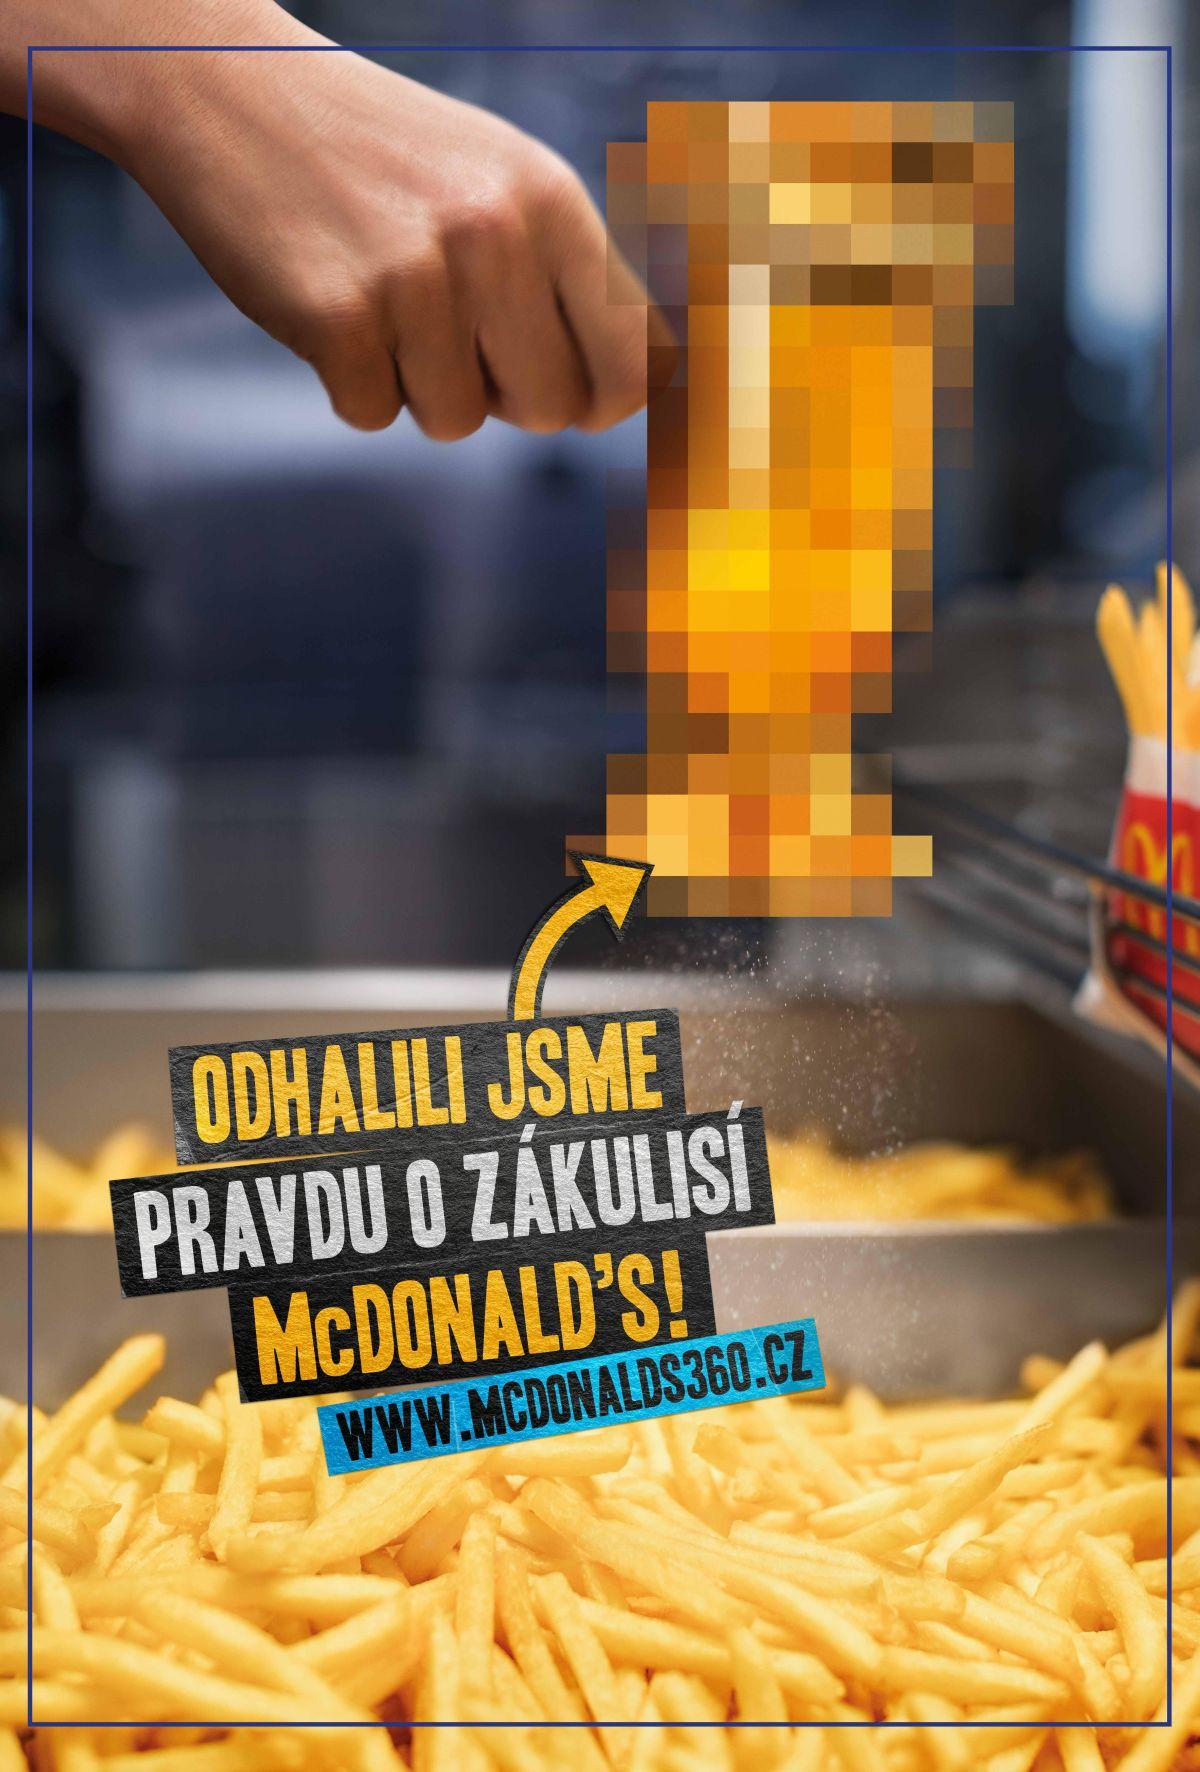 Projekt 360° webu ze zákulisí McDonalds podpoří reklamní kampaň